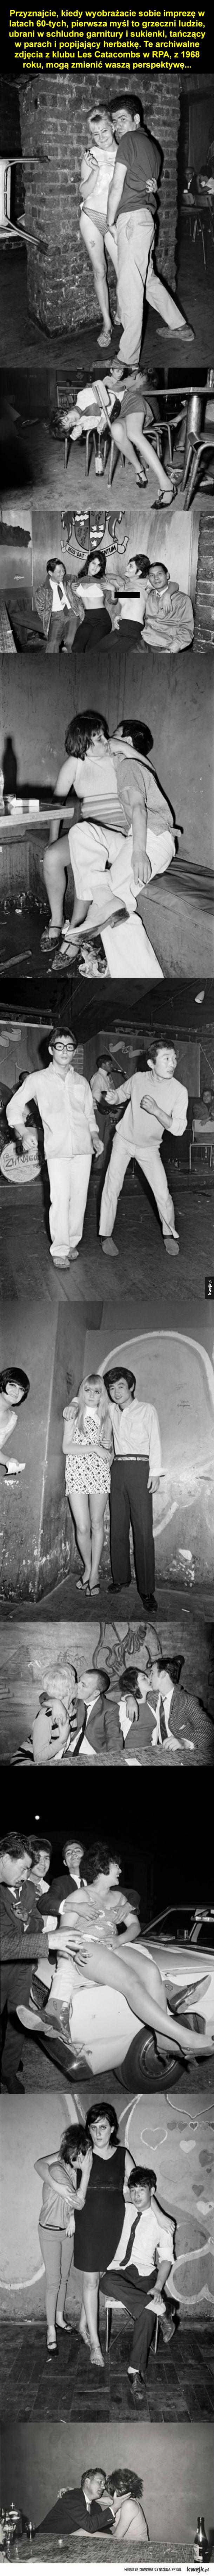 Szalone lata 60-te na archiwalnych zdjęciach